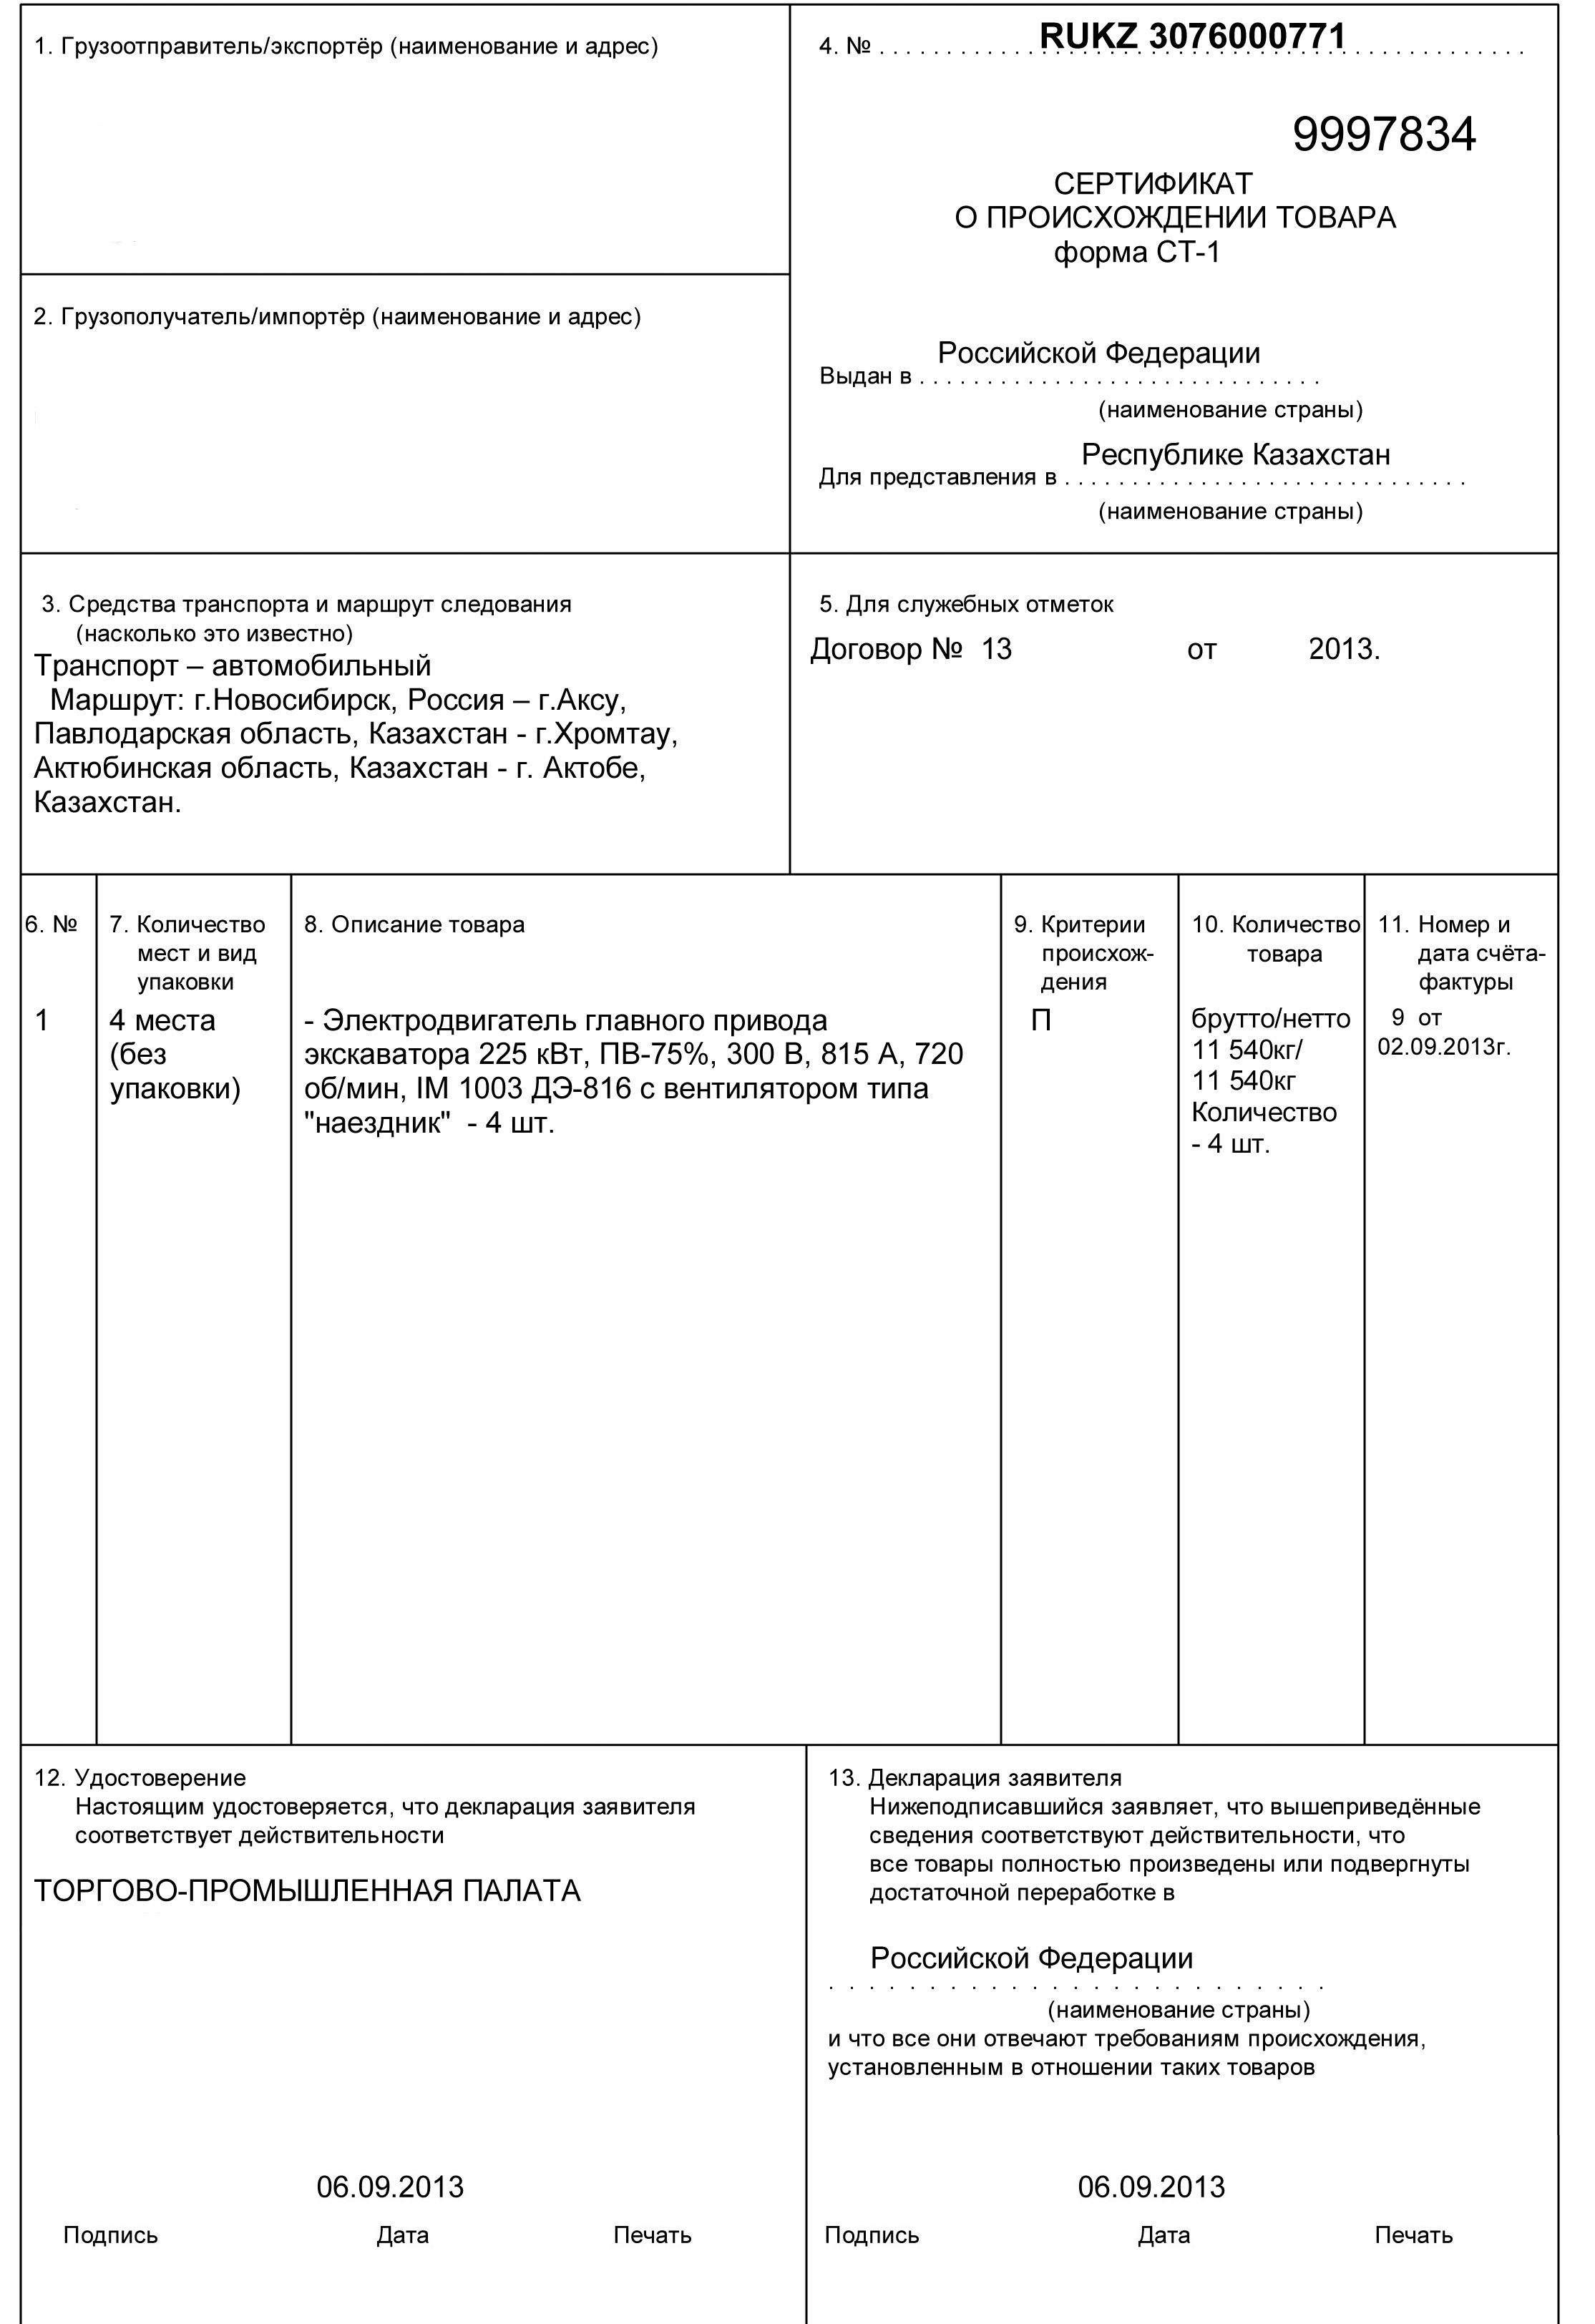 Образец сертификата происхождения товара СТ-1